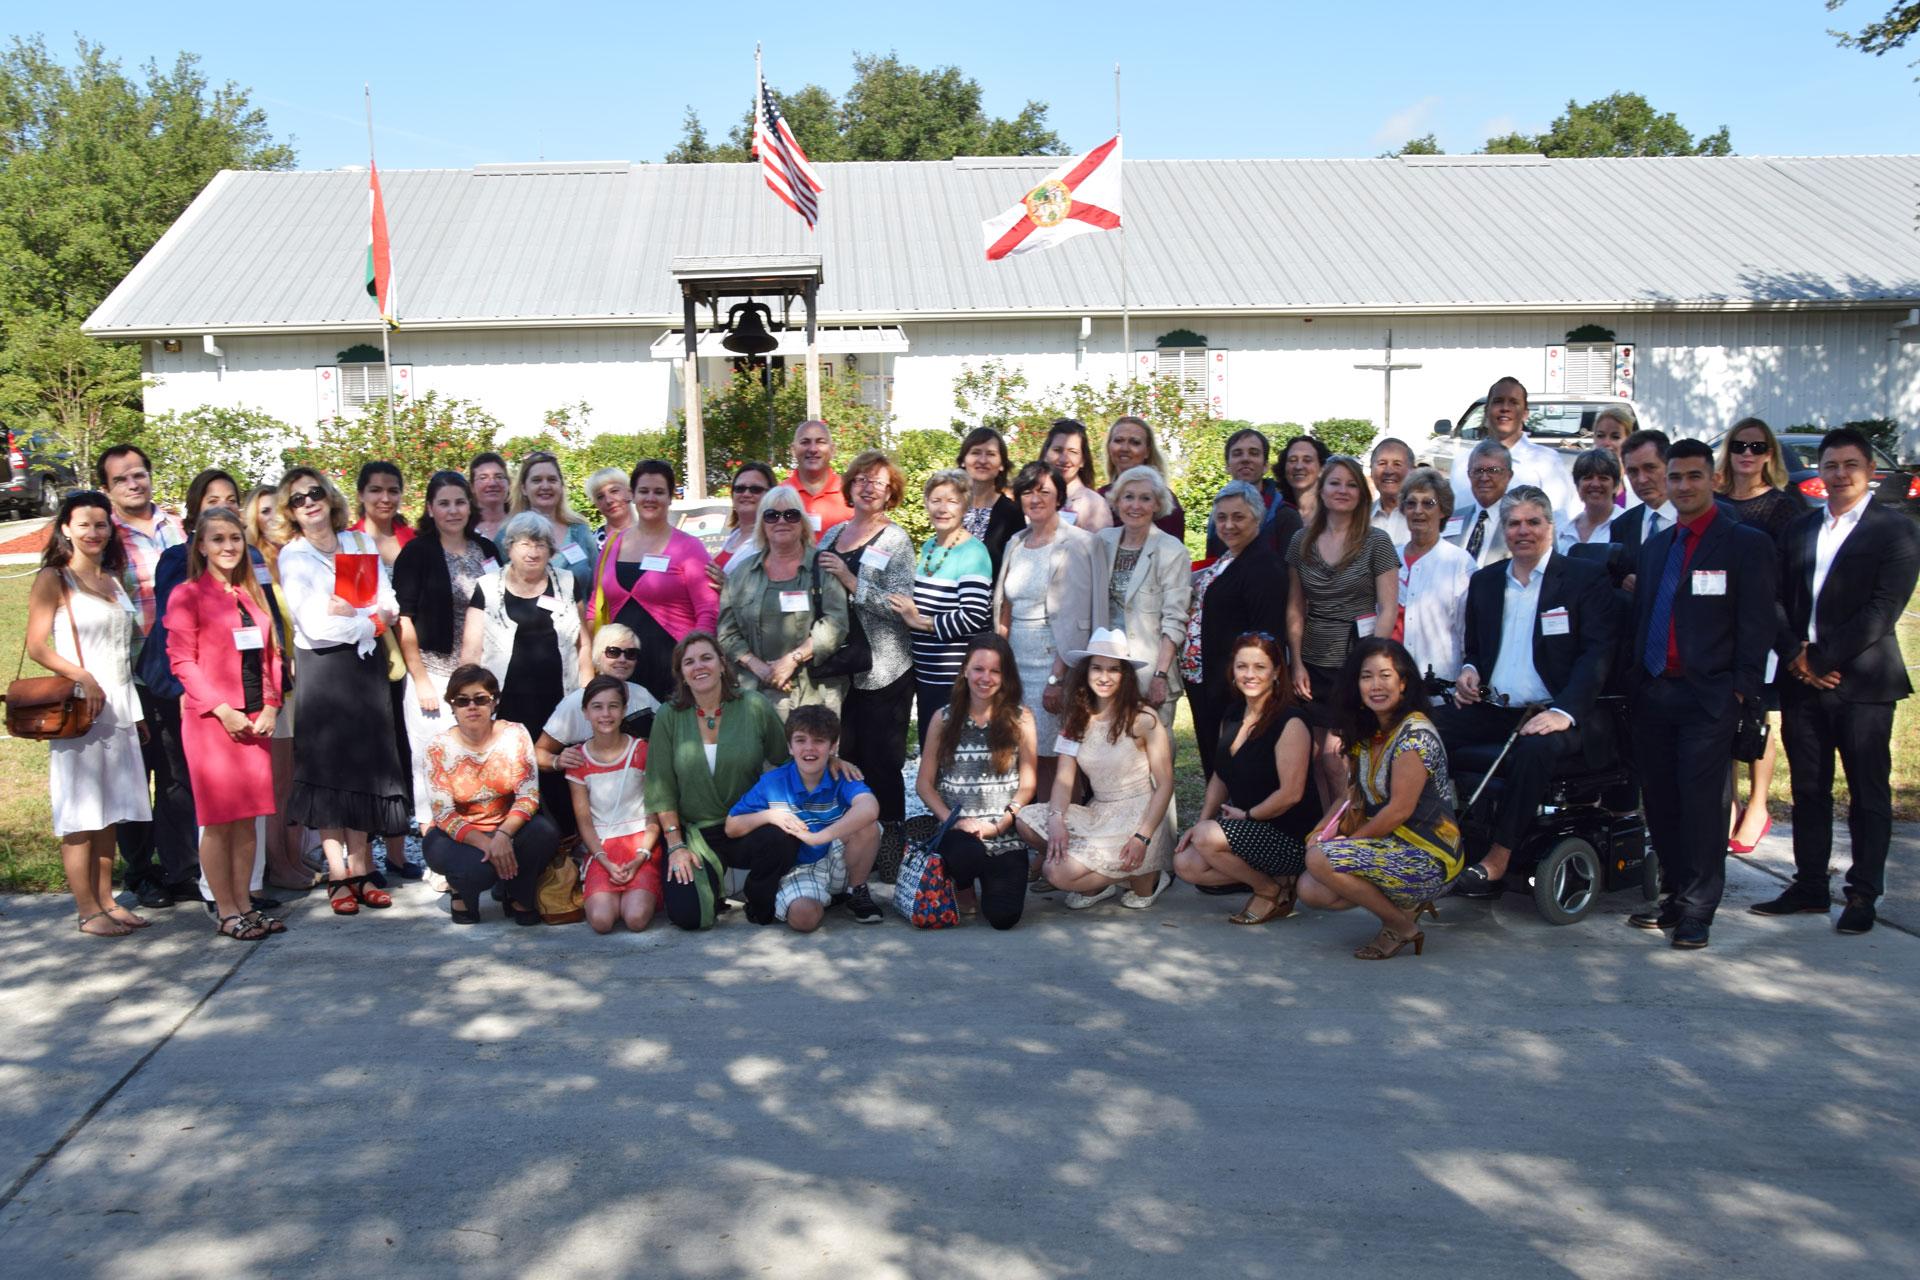 HATOG IX participants